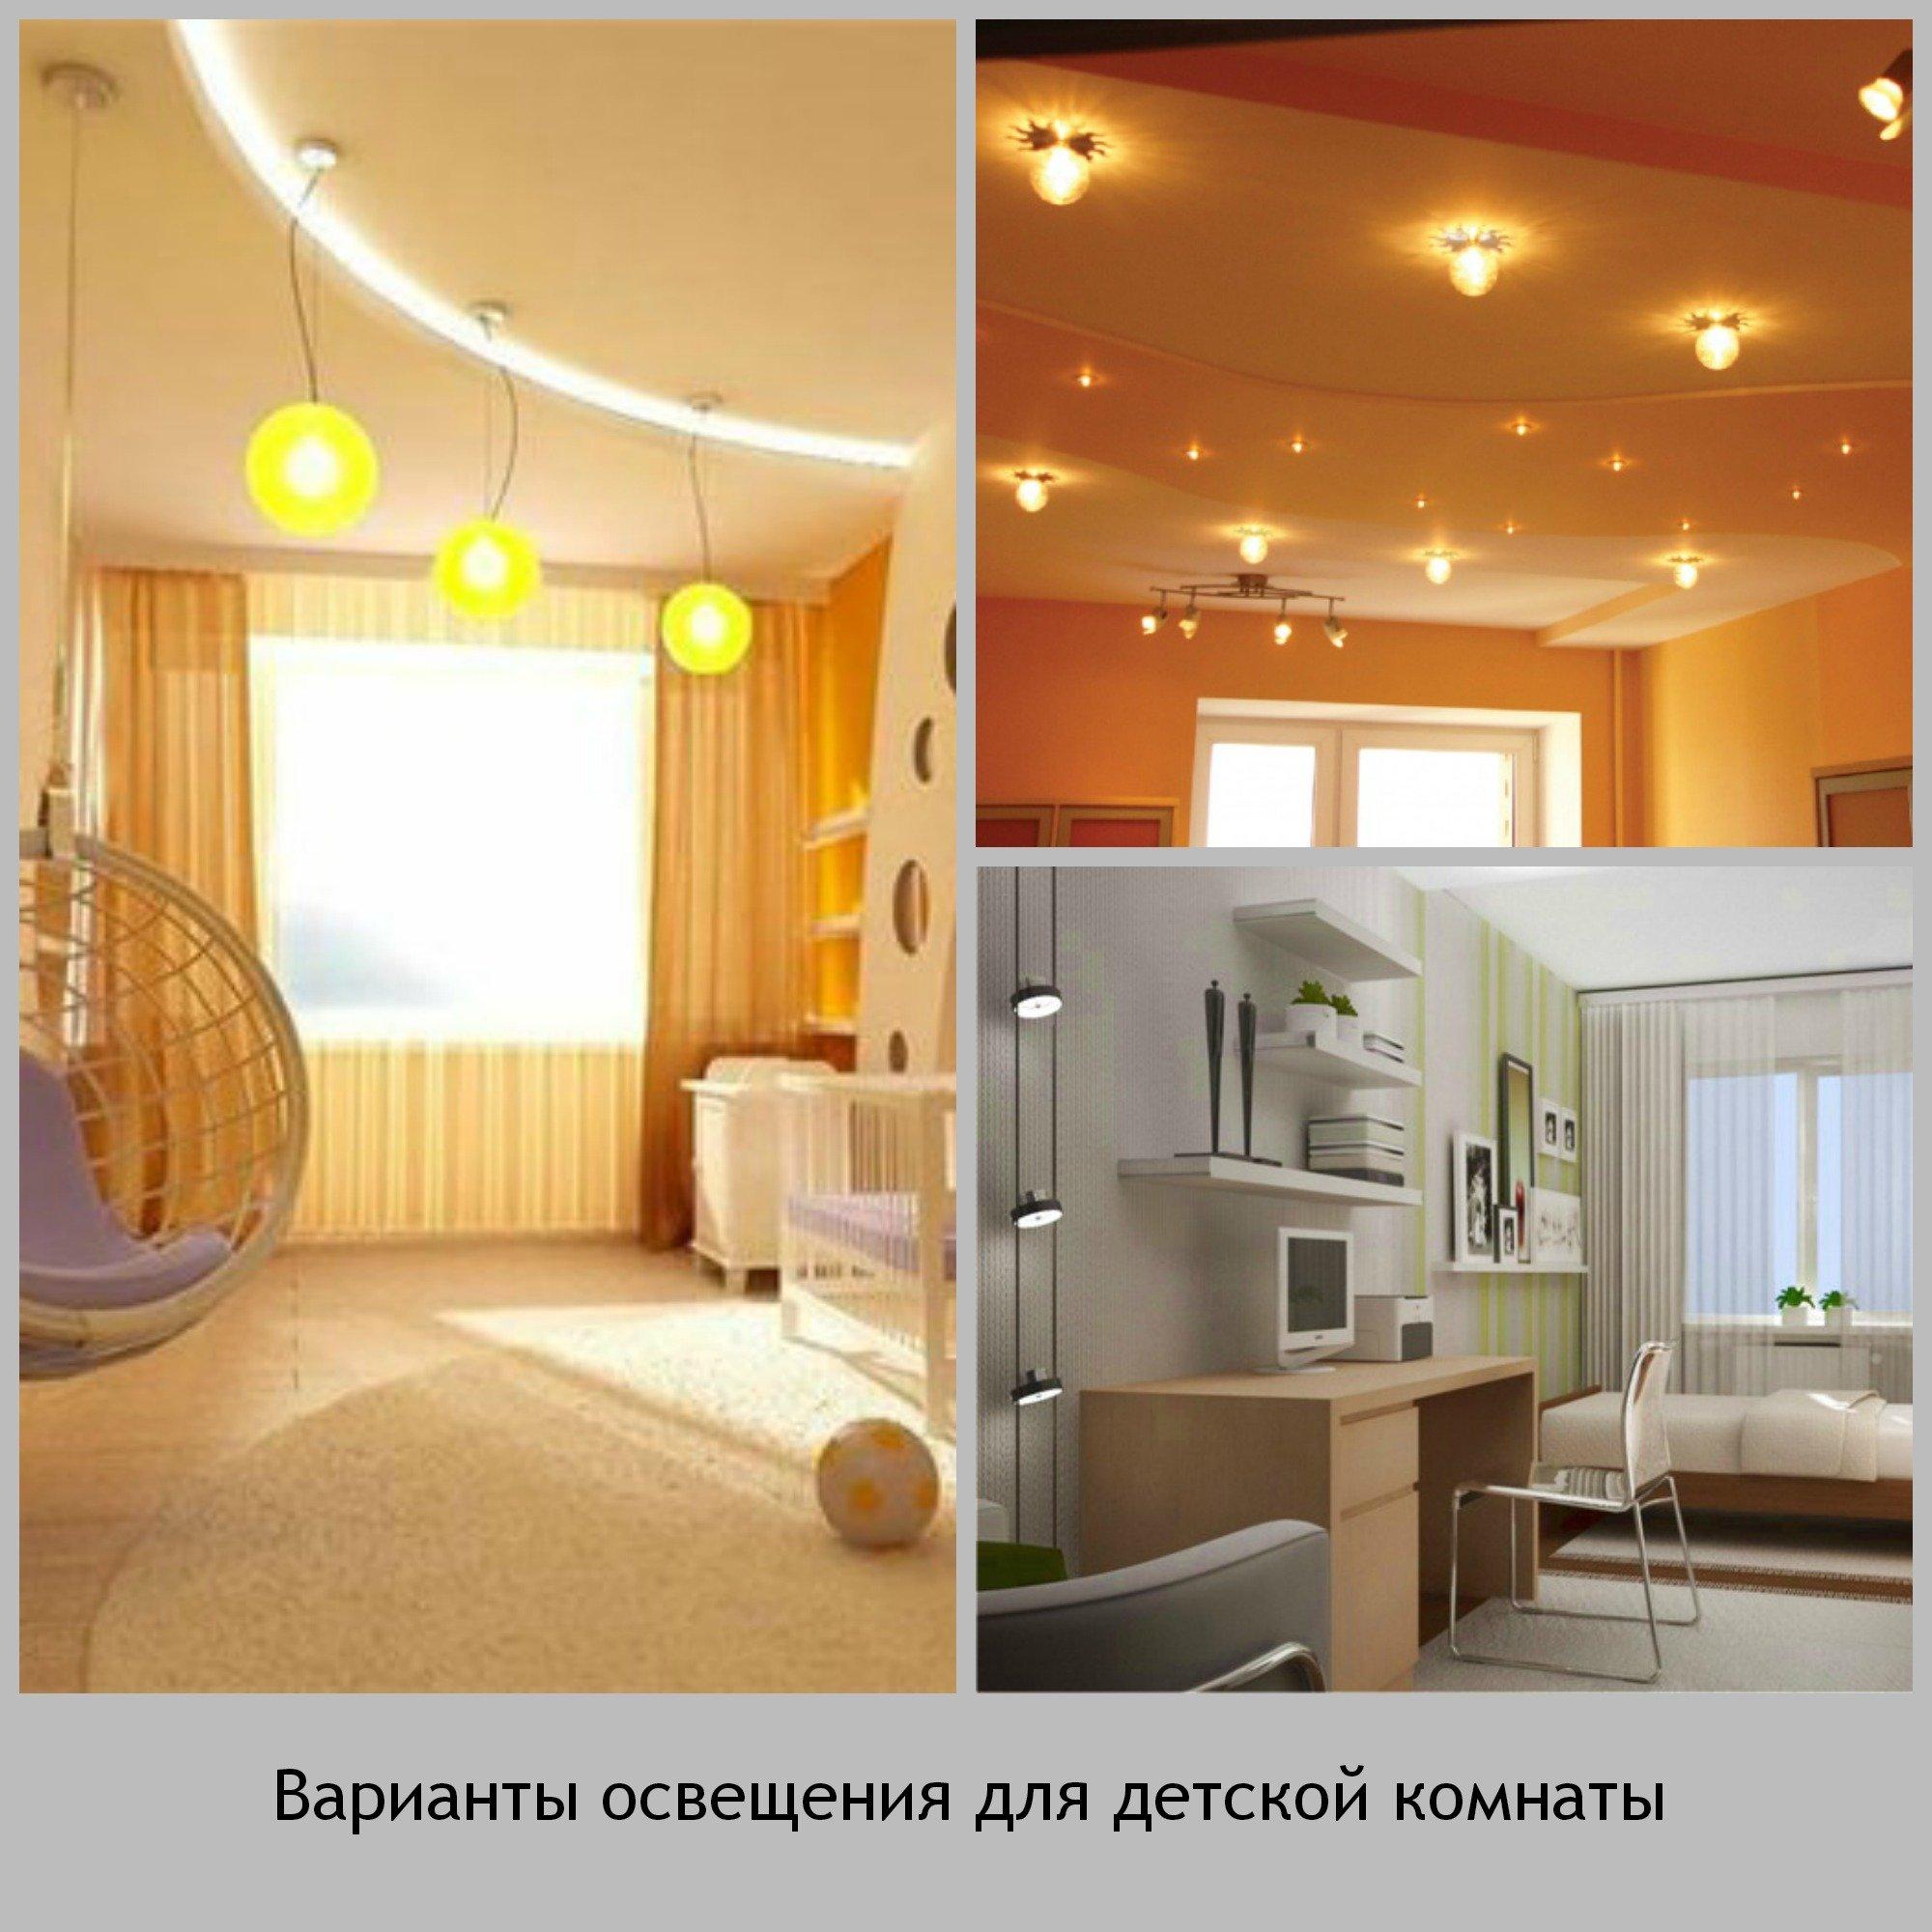 Идеи для ремонта, дизайн квартир с фото Идеи для ремонта 79